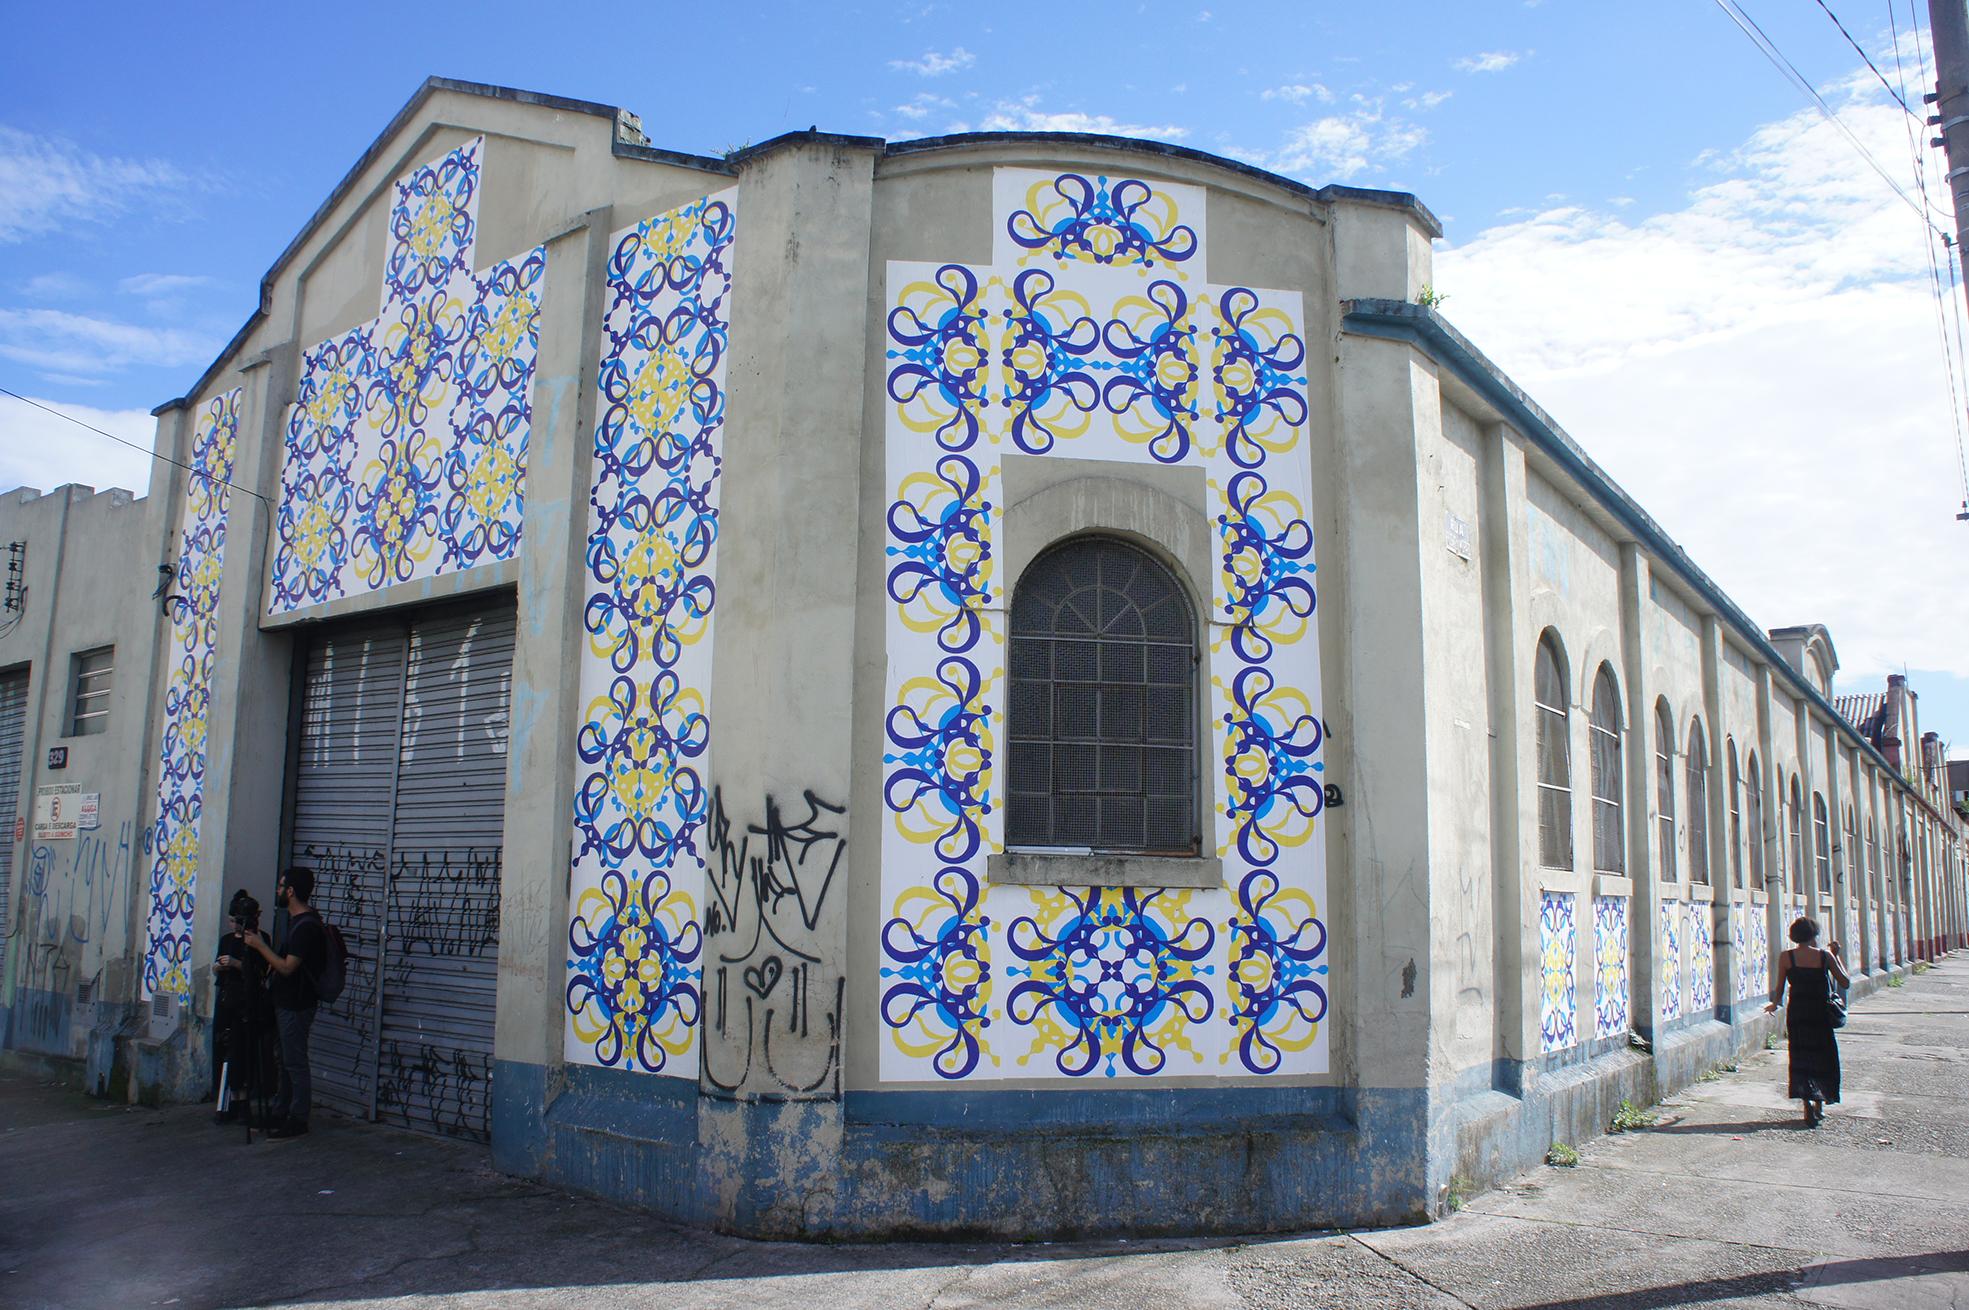 Gentileza urbana: 'Brás Arte Ocupa' espalha contemporaneidade pelas ruas 2